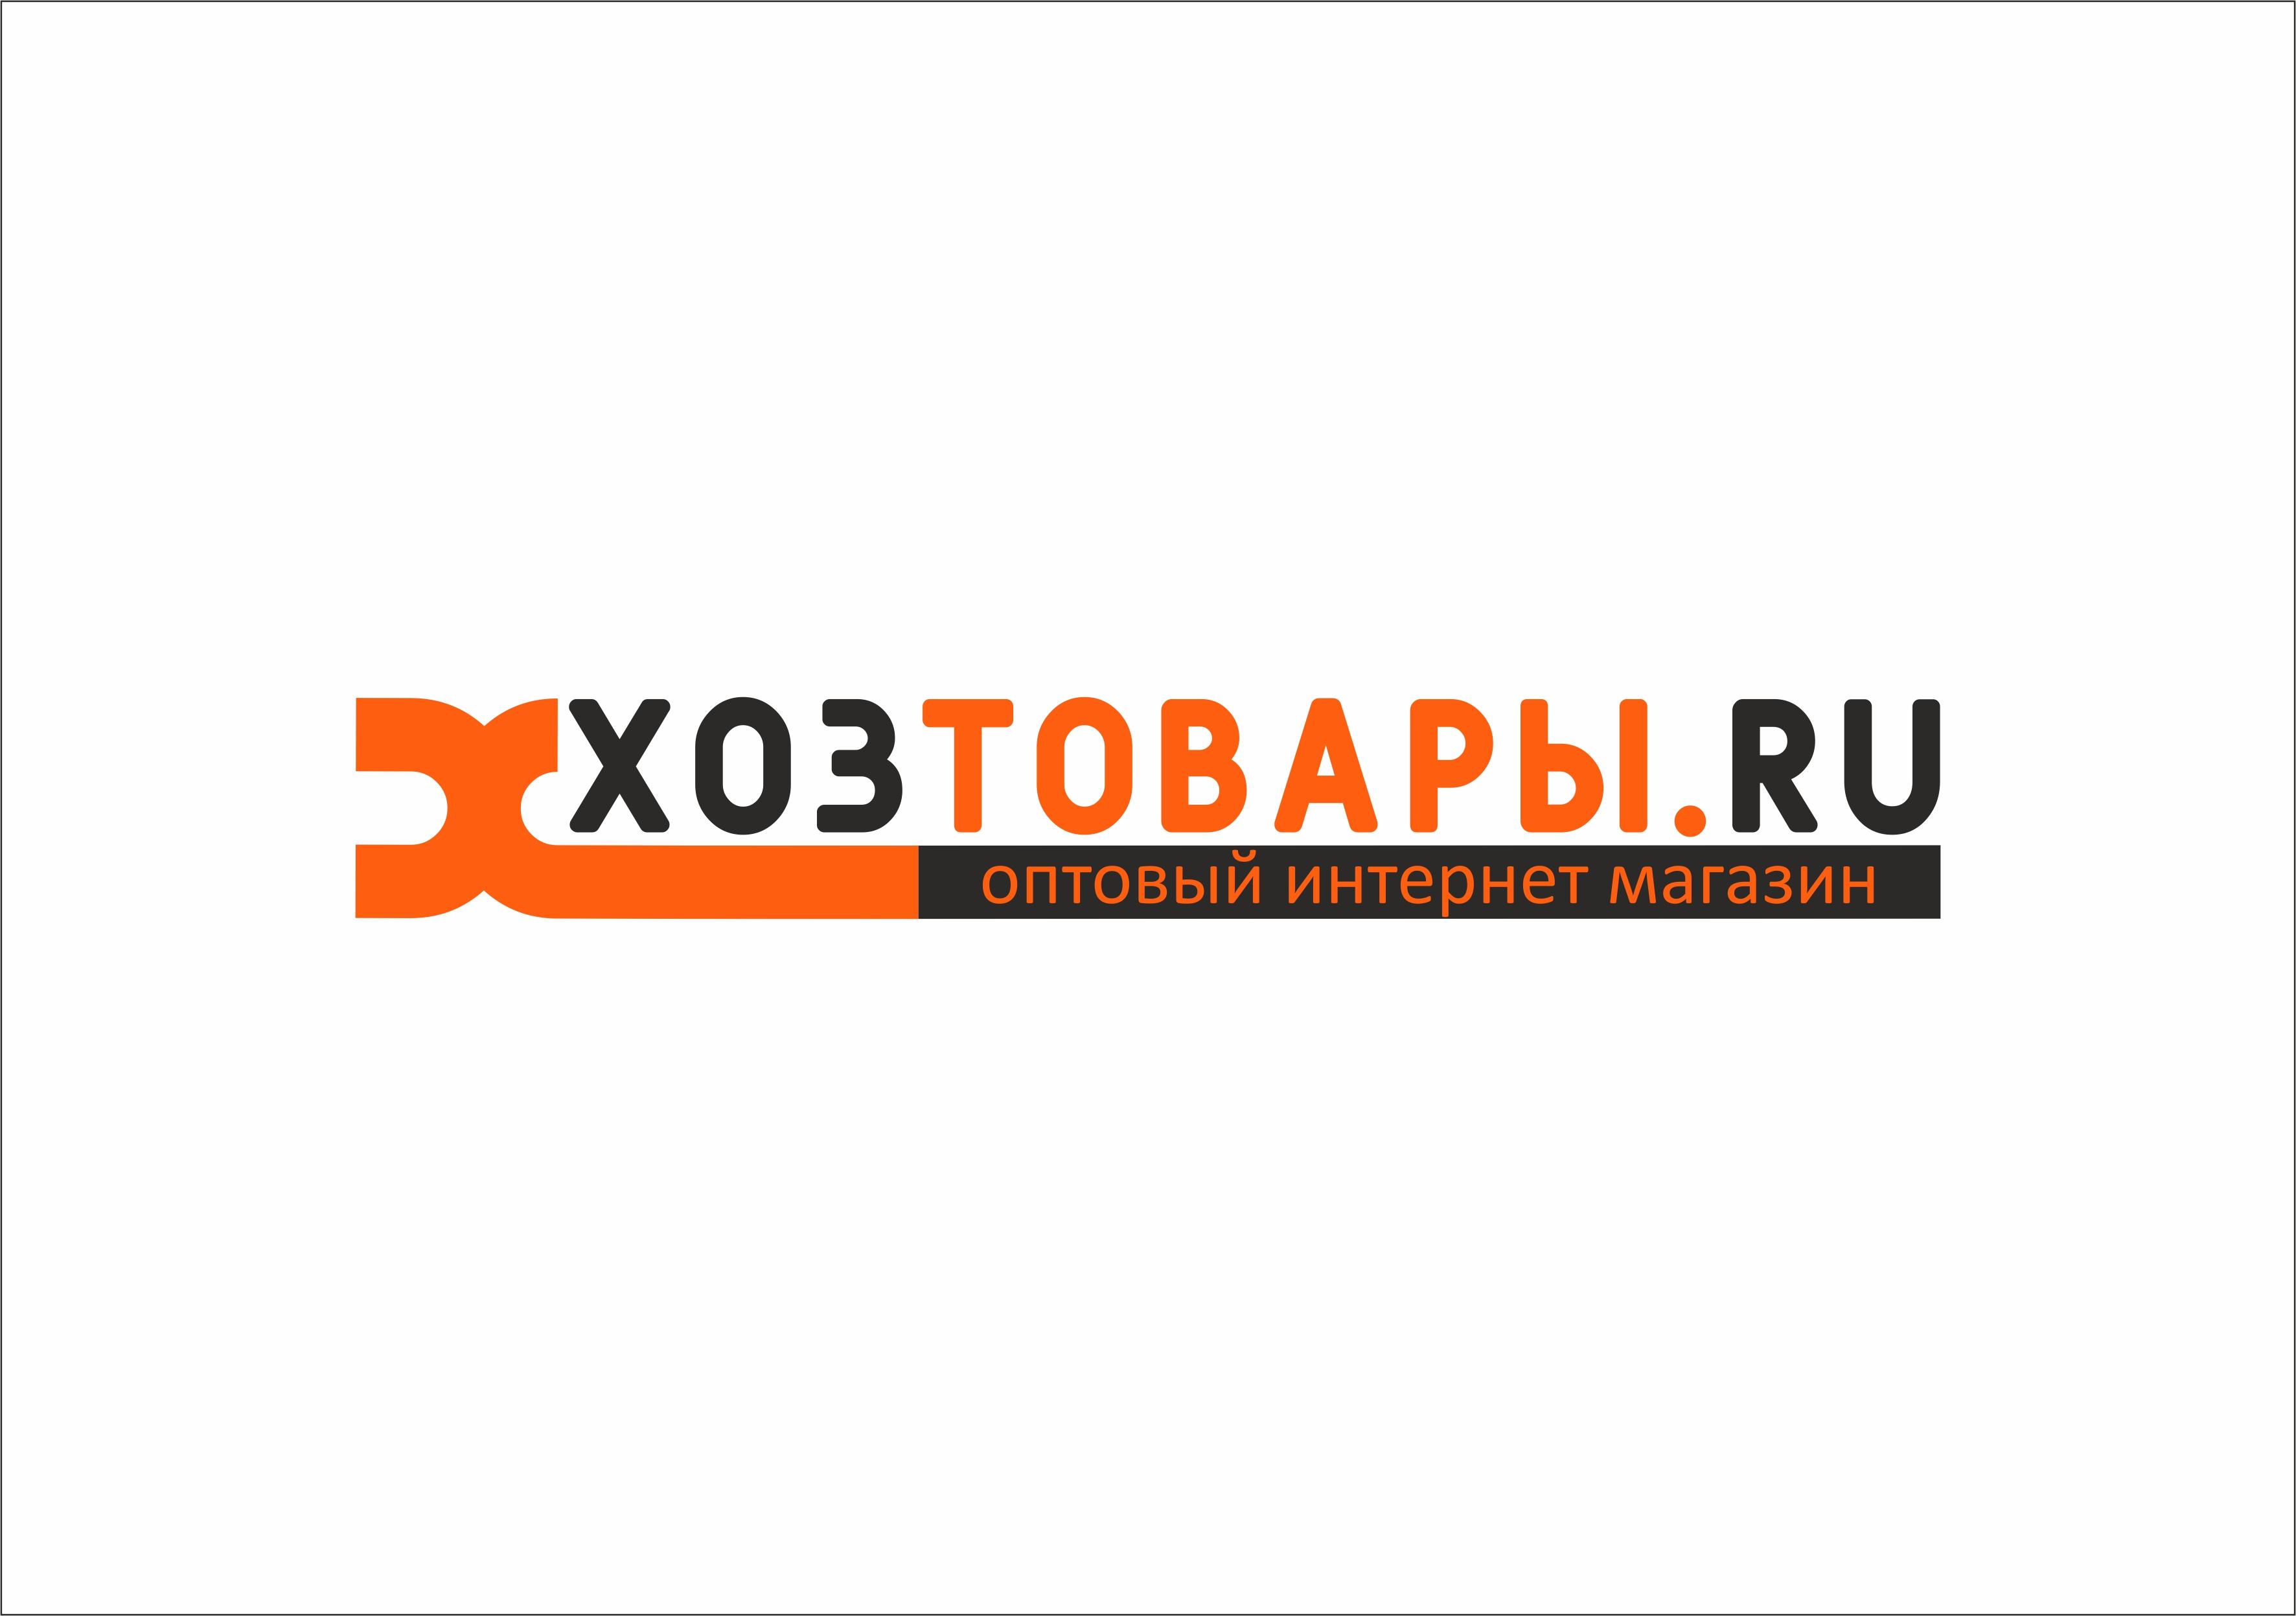 Разработка логотипа для оптового интернет-магазина «Хозтовары.ру» фото f_677606f1bb27bf0d.jpg